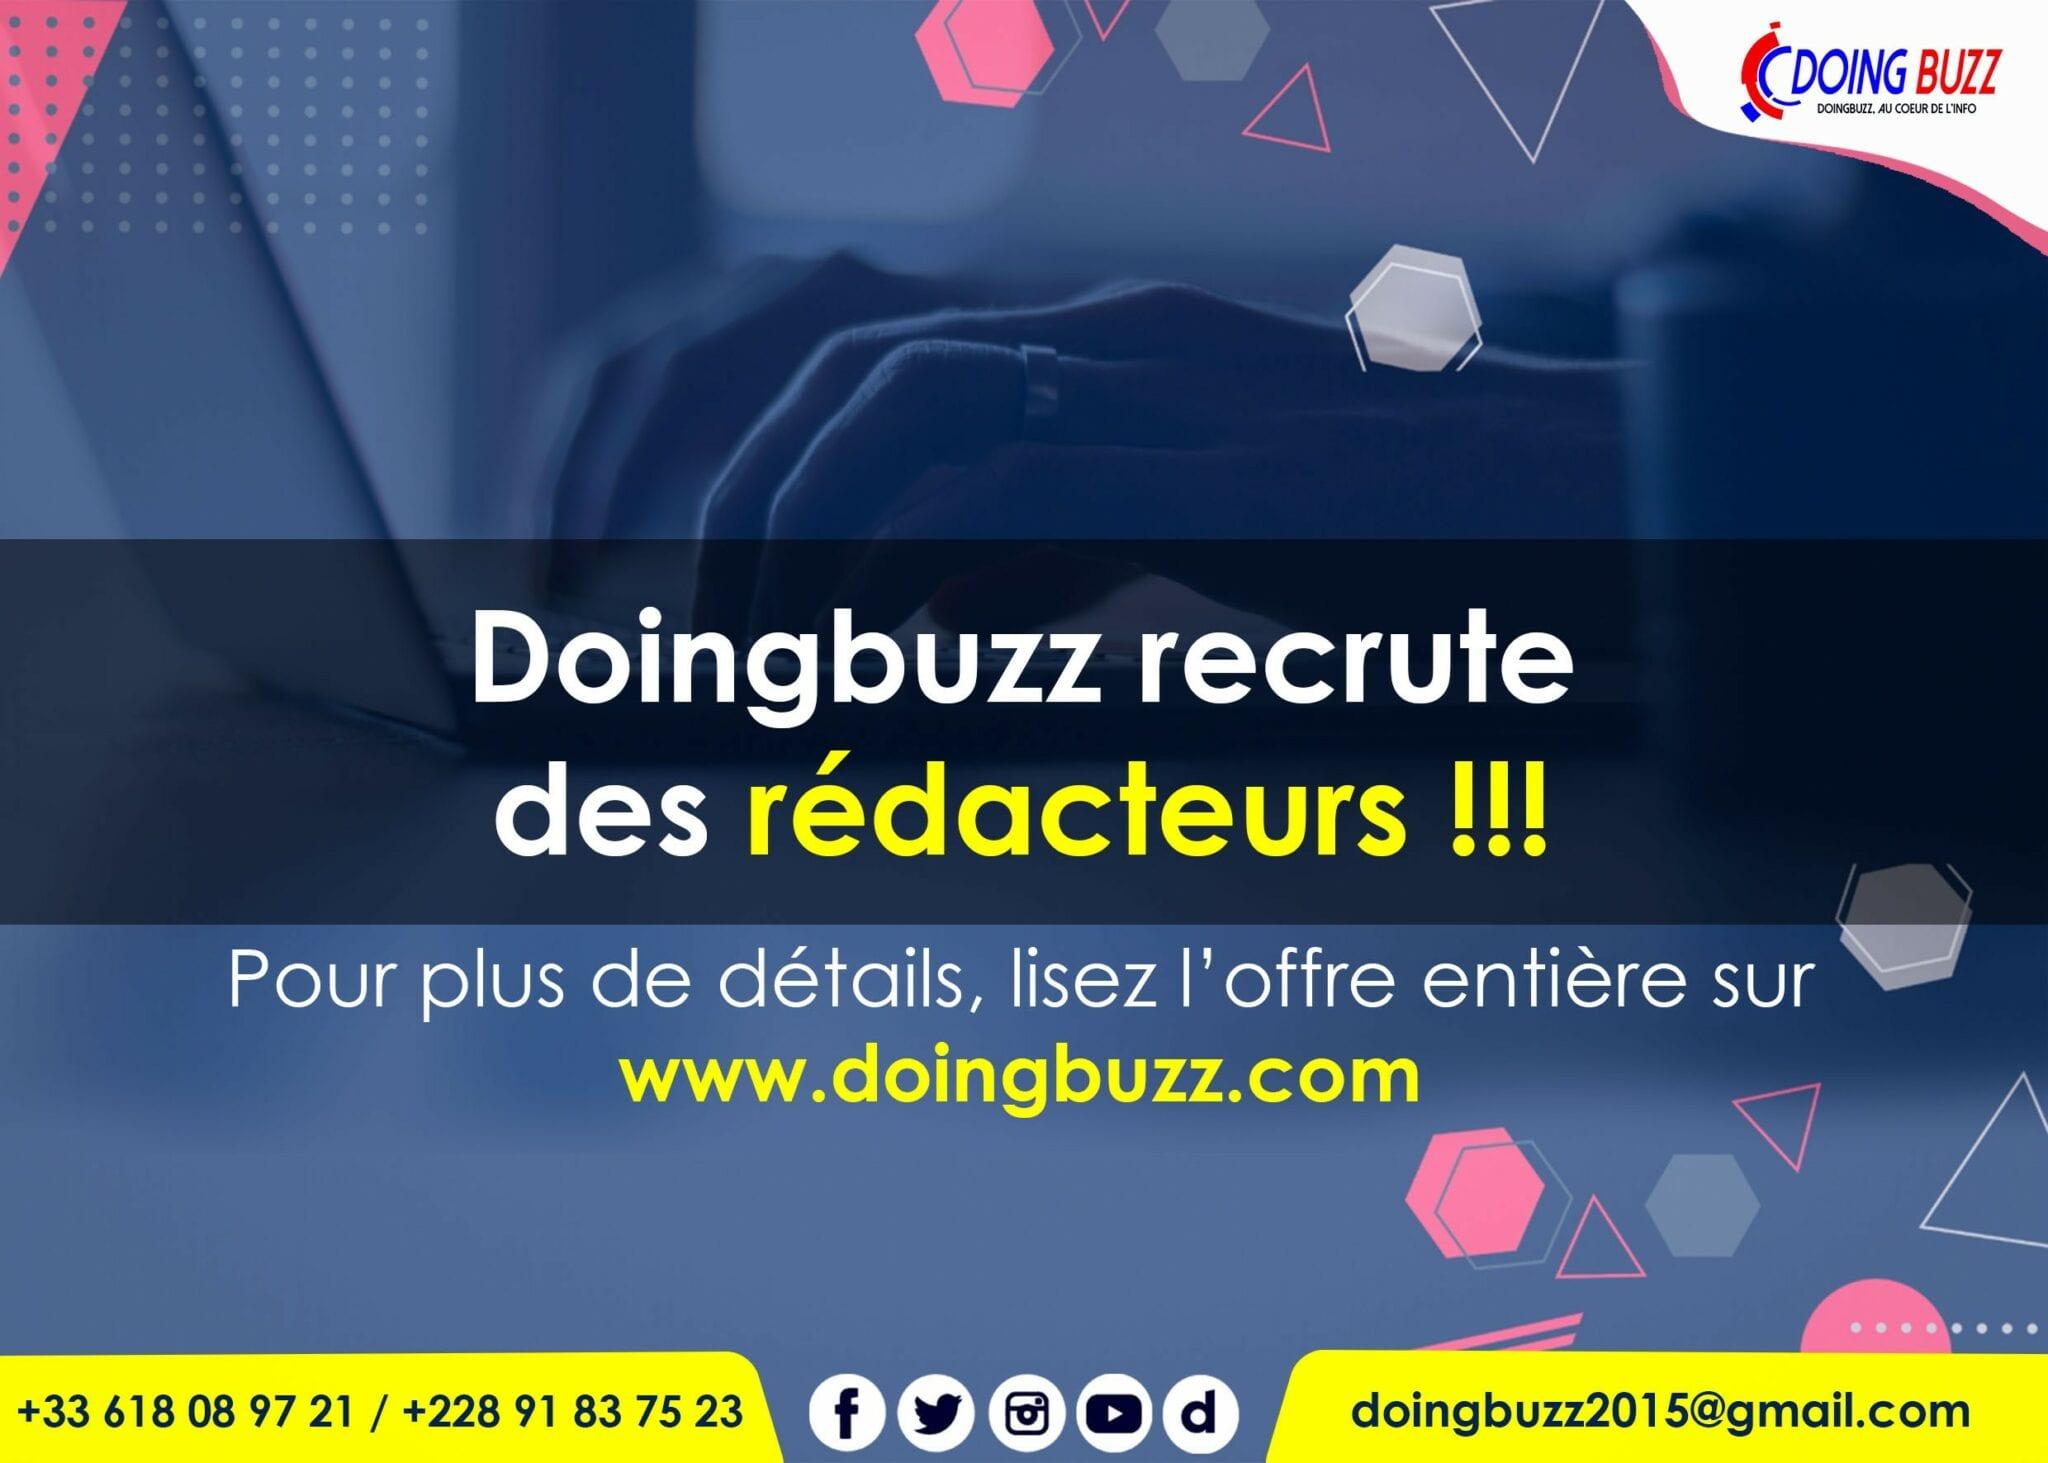 Emploi: Doingbuzz recrute plusieurs rédacteurs expérimentés